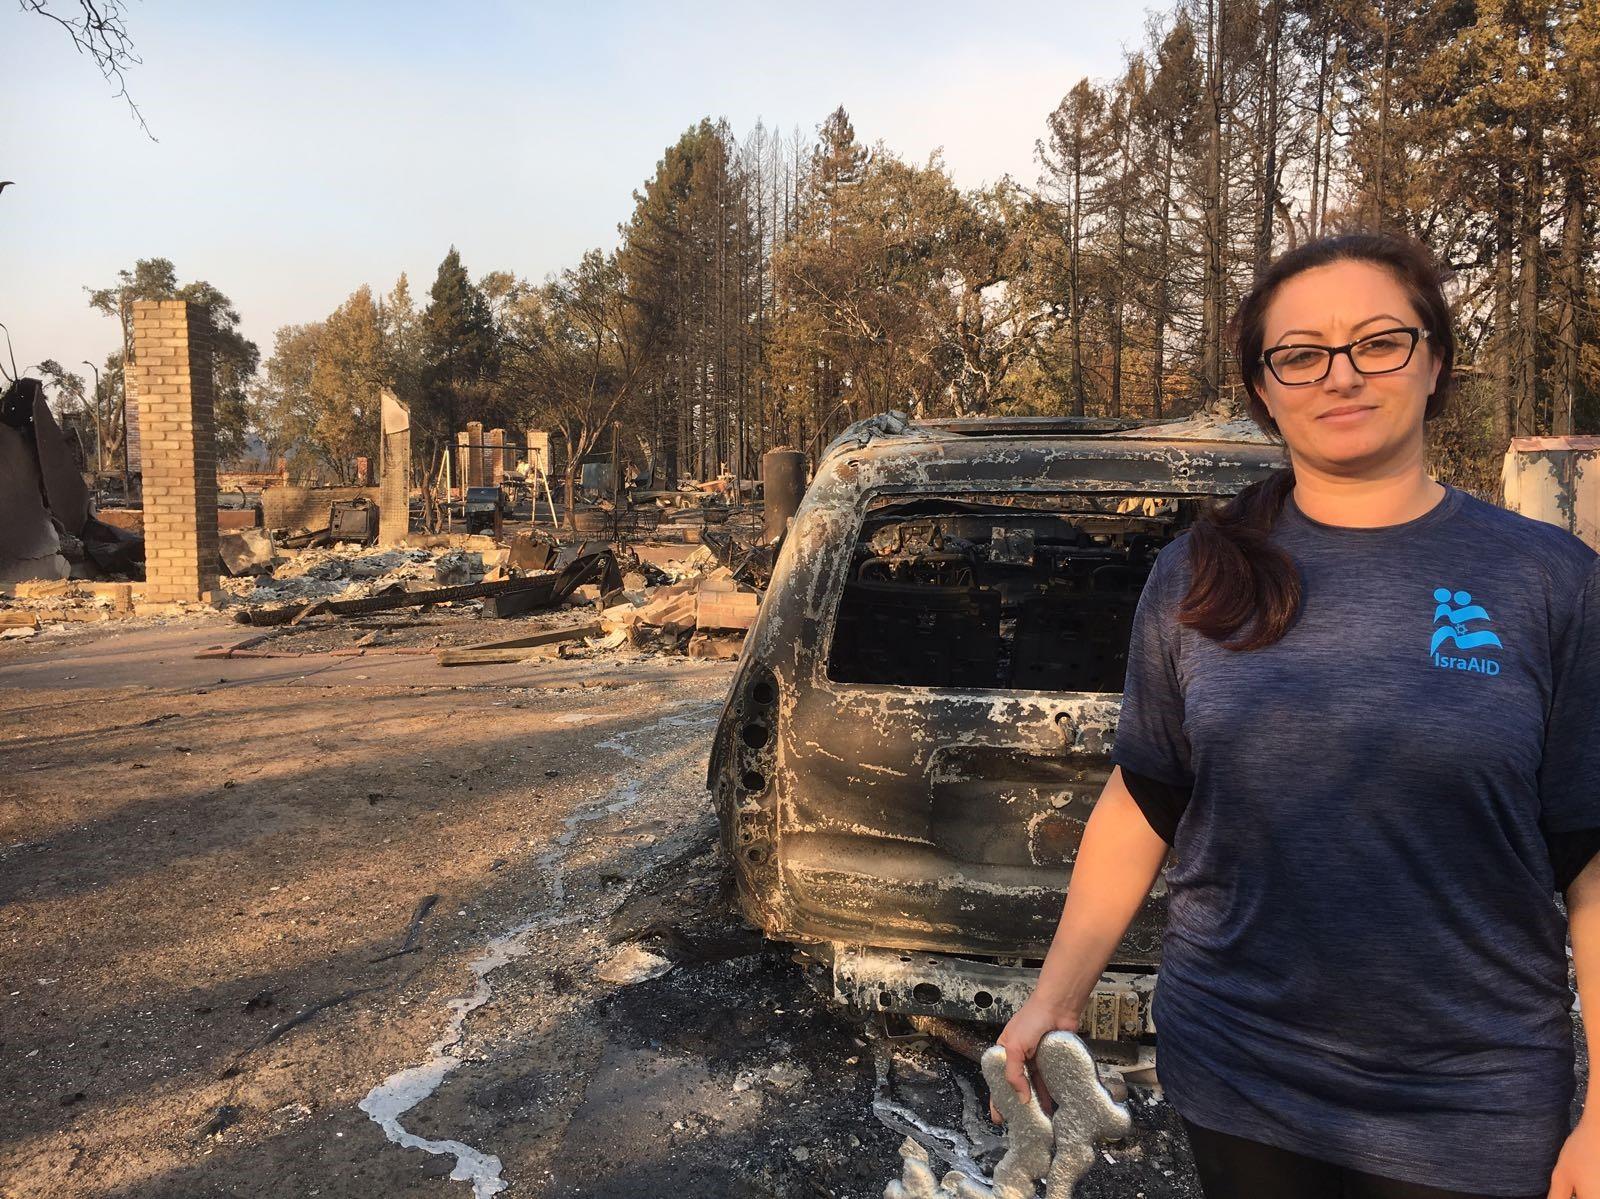 Organización israelí auxiliará a los evacuados por incendios forestales en California